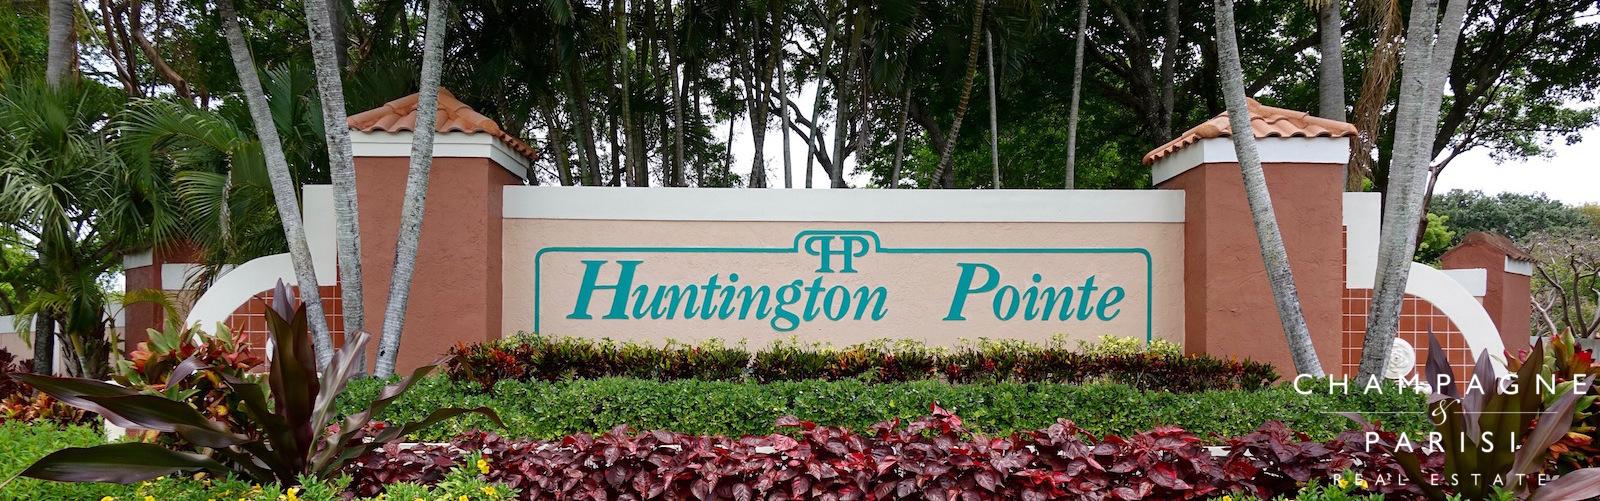 huntington pointe condos | delray beach